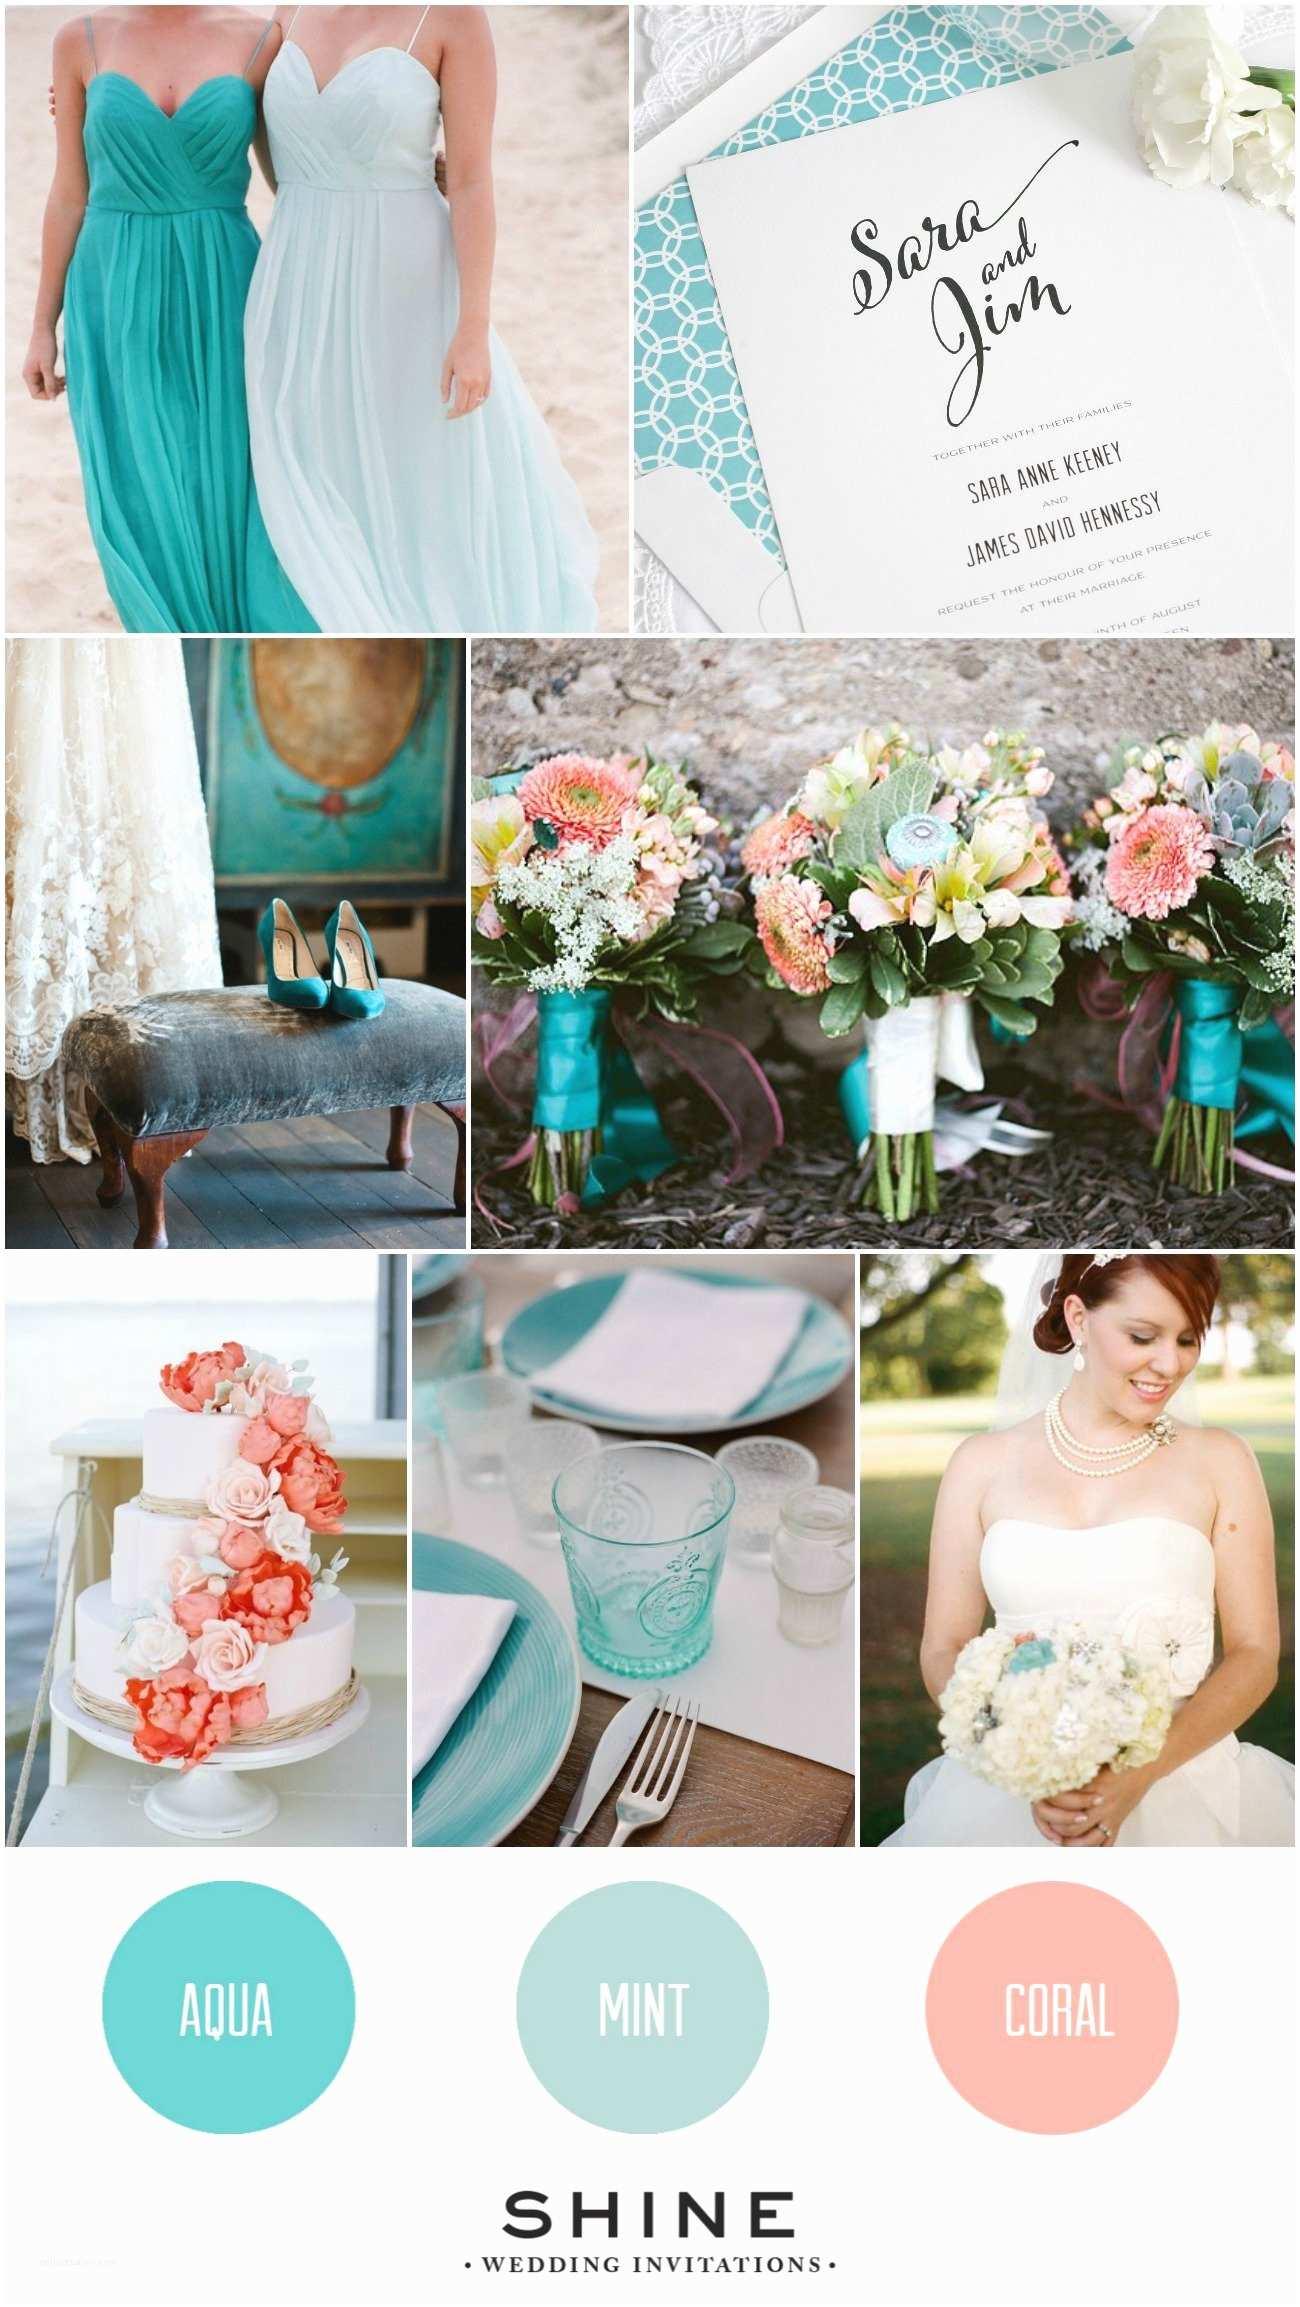 Mint Color Wedding Invitations Aqua Coral Mint Wedding Inspiration – Wedding Invitations